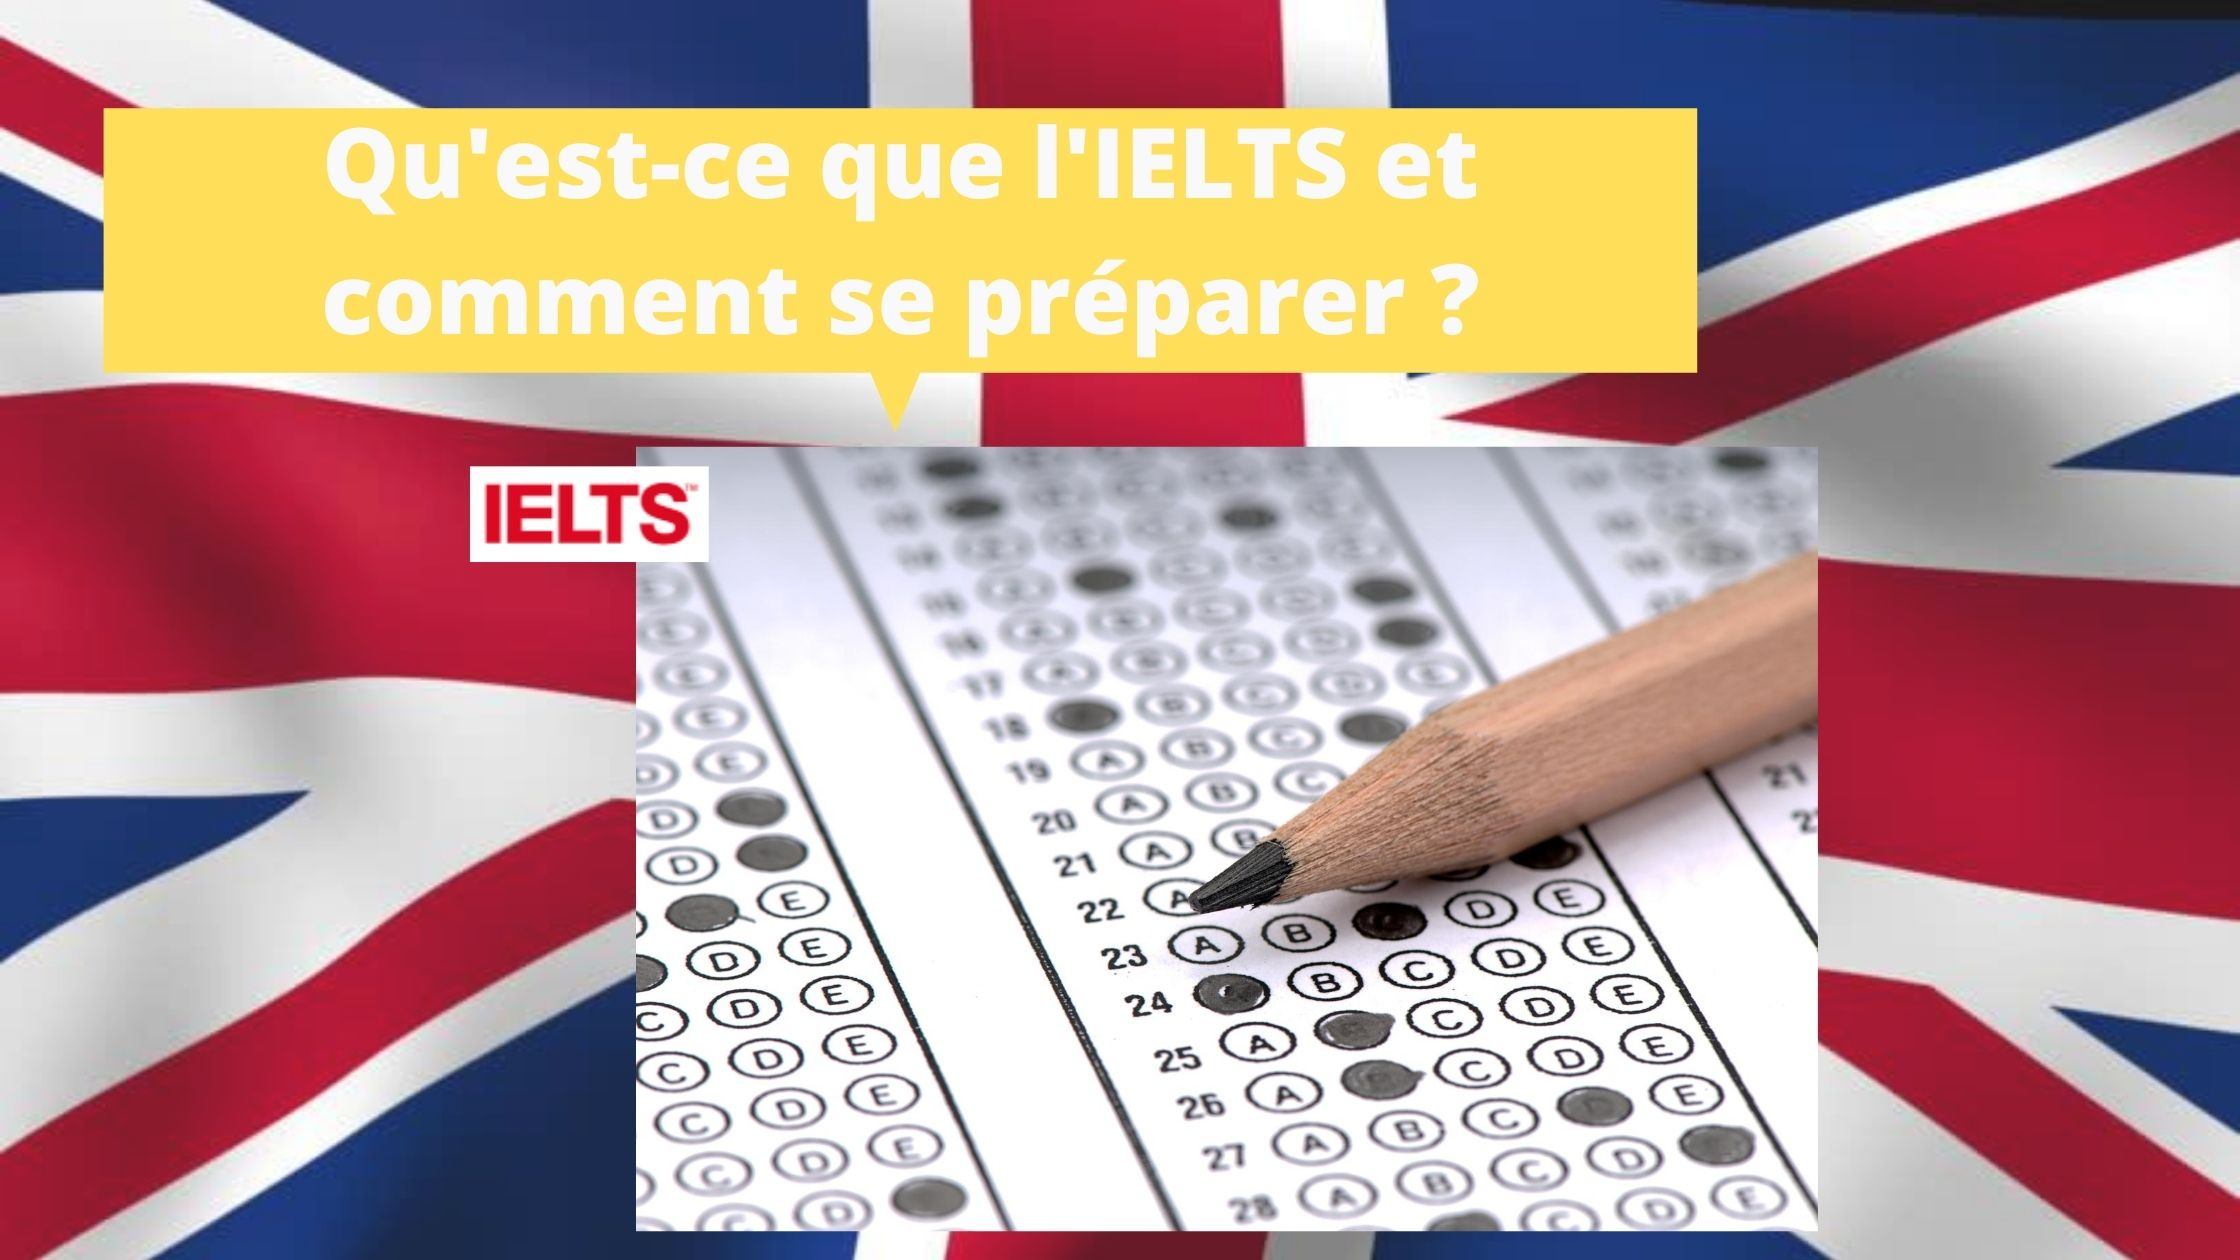 Qu'est-ce que l'IELTS et comment se préparer à passer le test ?